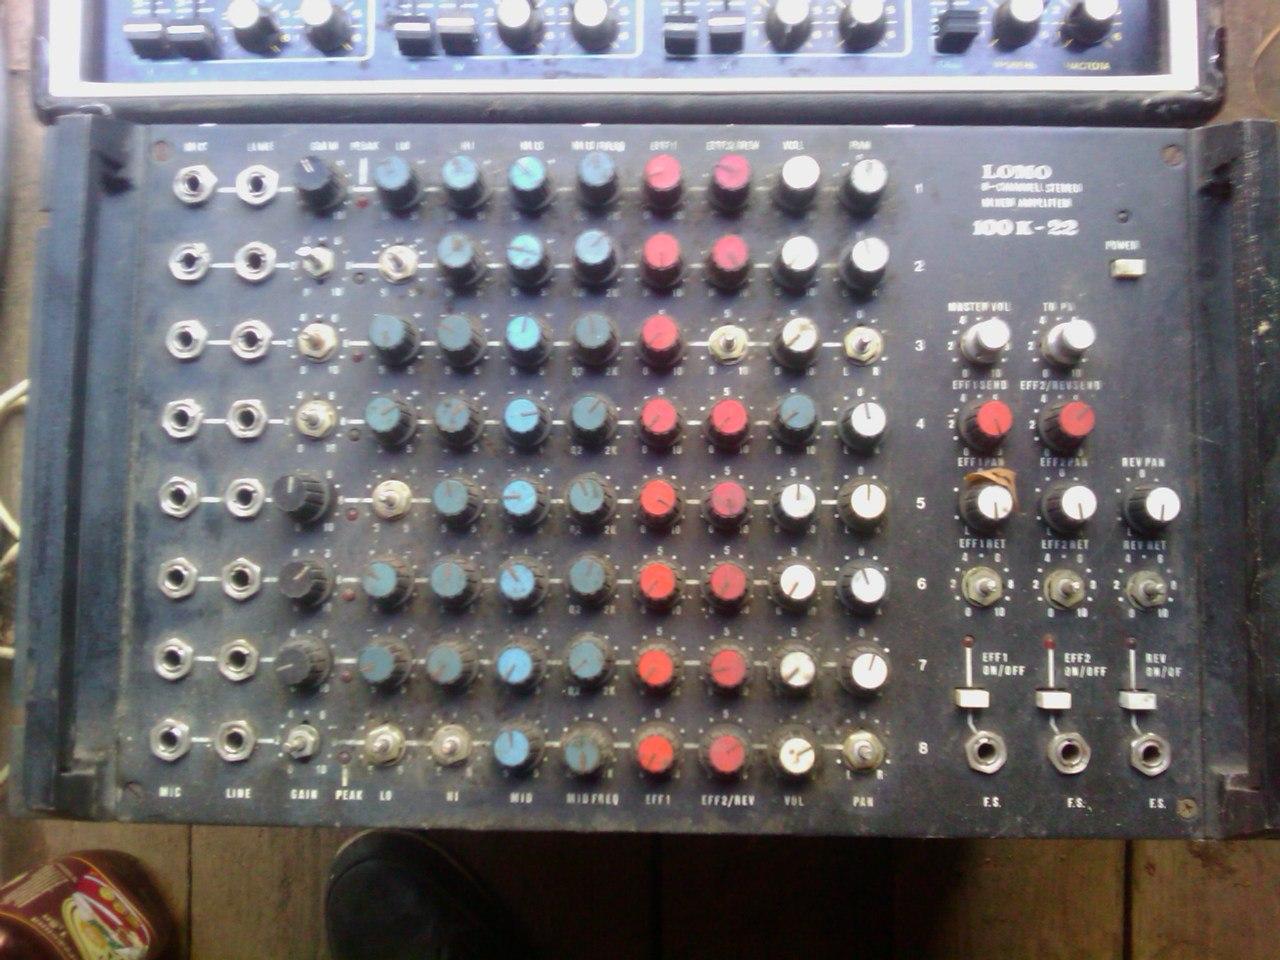 схема графического эквалайзера электроника эг-10